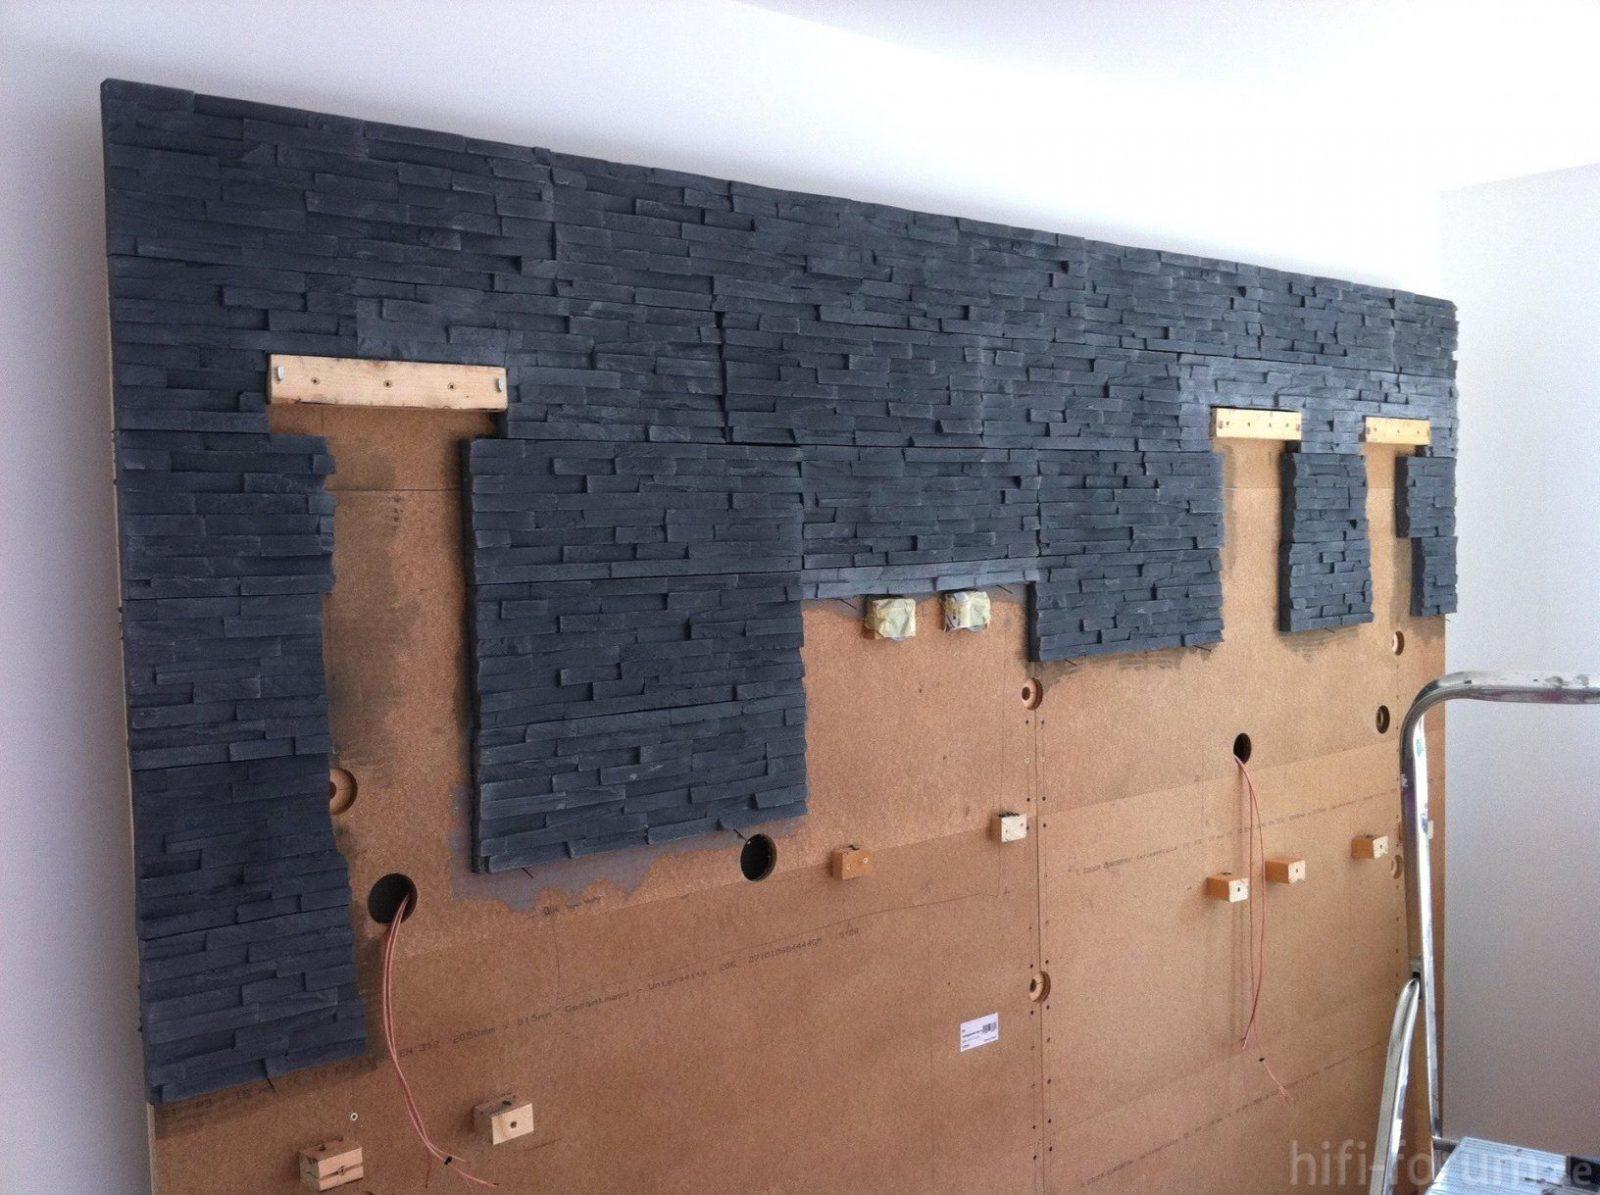 Wunderbar Grüne Wand Selber Bauen Tv Wand Holz – Cblonline von Tv Wände Selber Bauen Bild